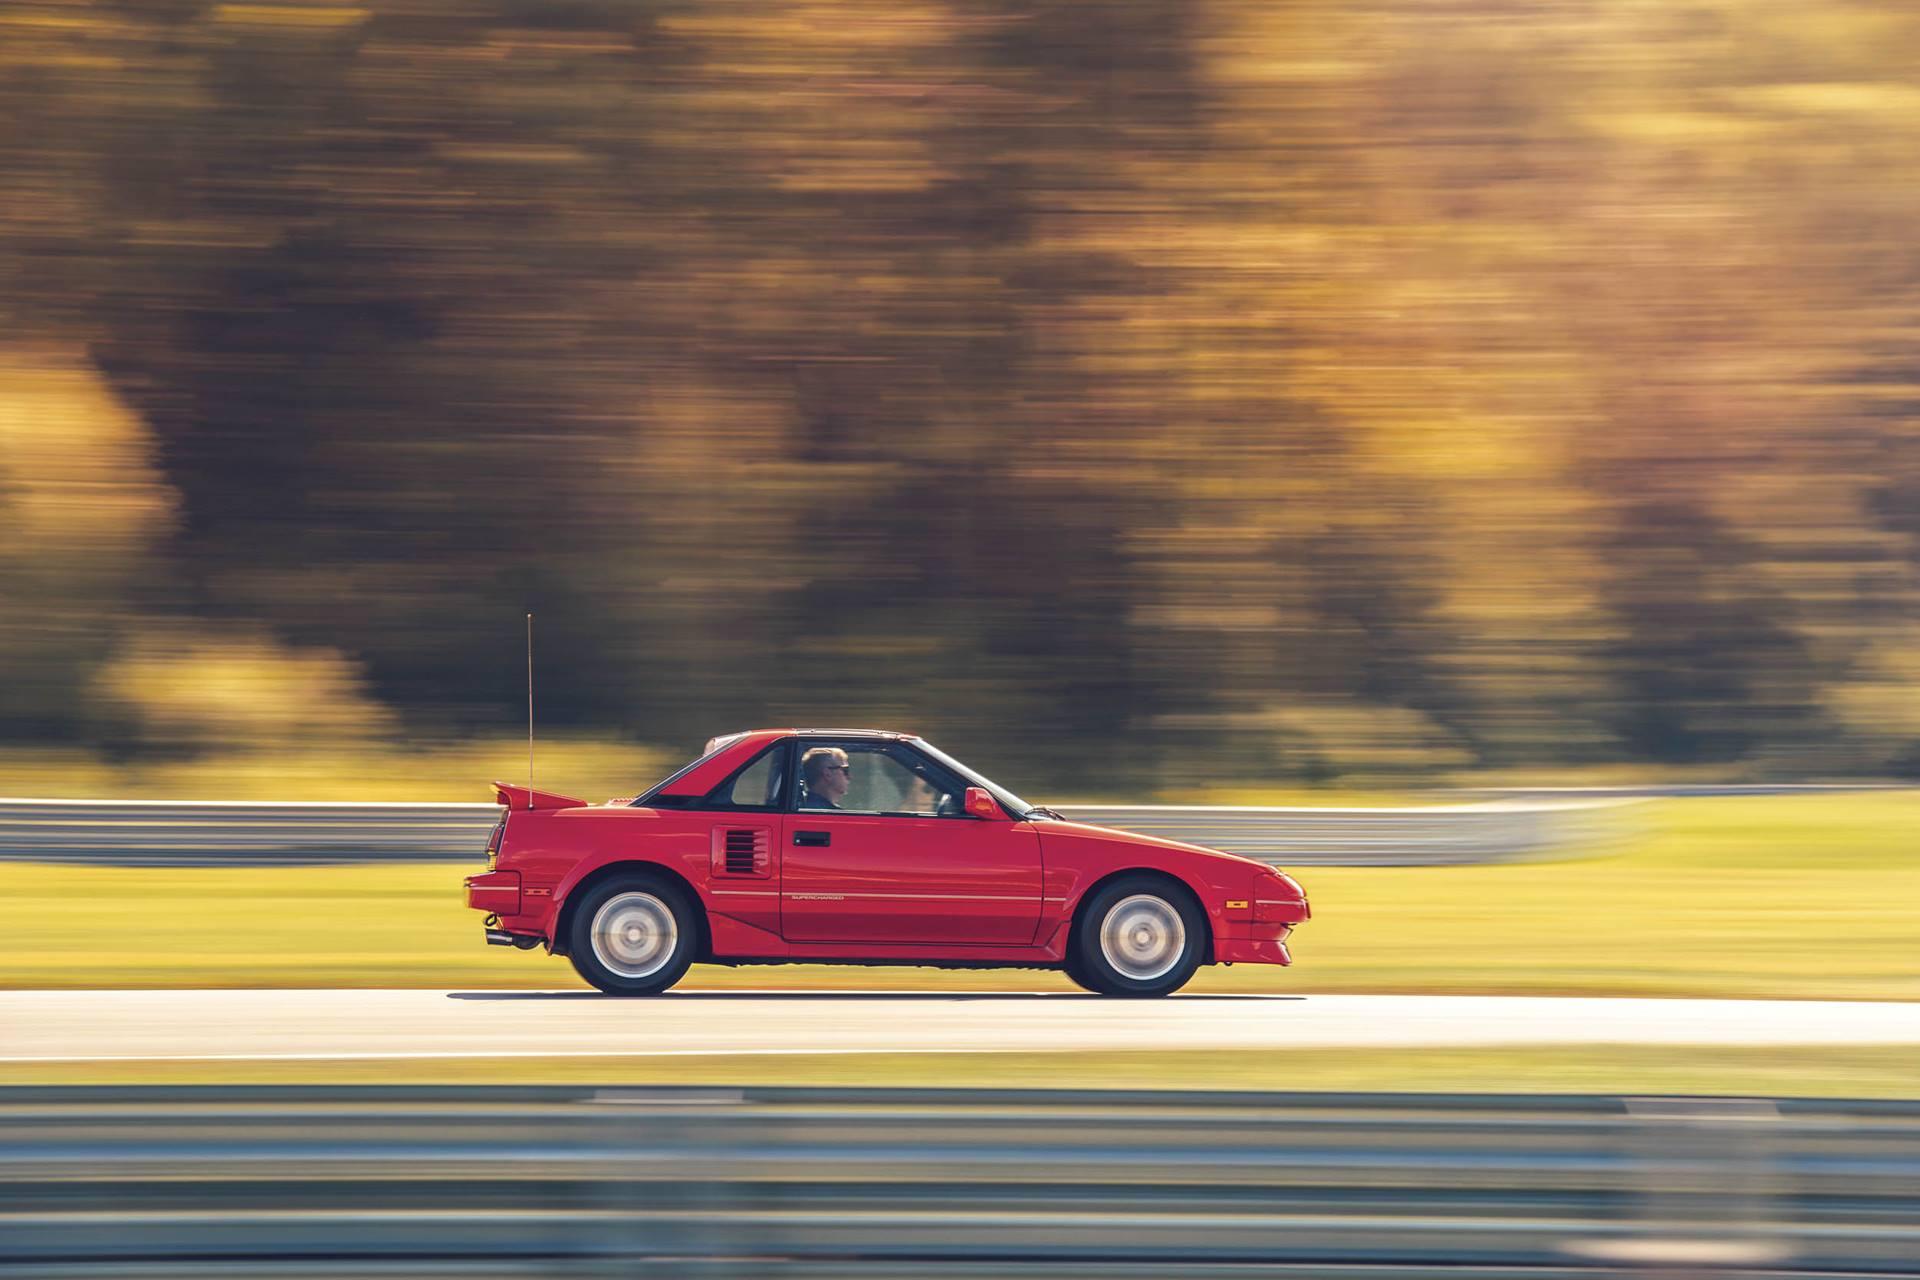 DW Burnett 1988 Toyota MR2 S/C